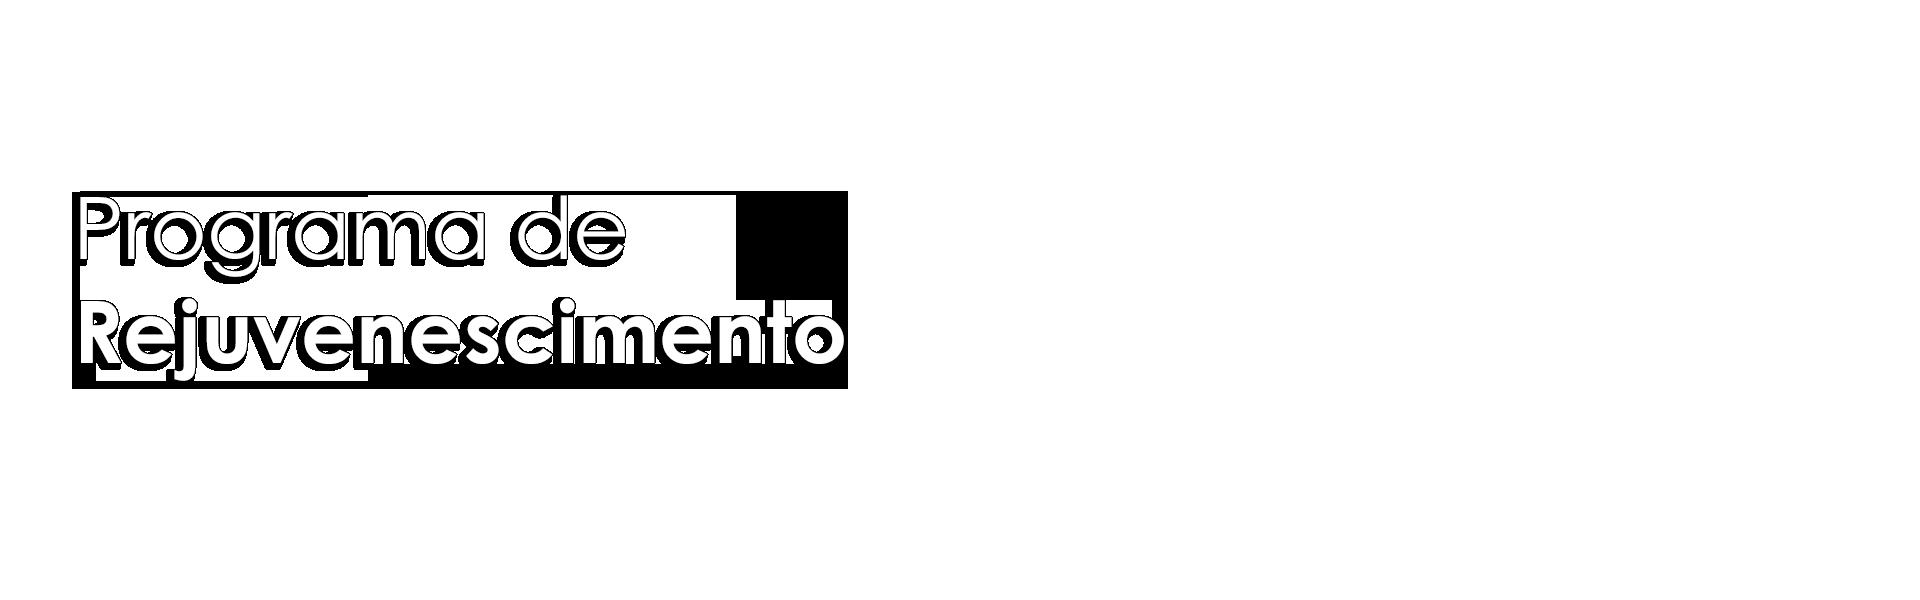 O programa Thermo Peel Peeling de Marfim Termoativo tem a função de hidratação profundamente, promovendo lifting imediato e rejuvenescimento facial. Sua ação anti-aging reestrutura a pele e oferece efeito tensor e preenchedor das linhas de expressões. Pode ser usado por pessoas a partir dos 25 anos.